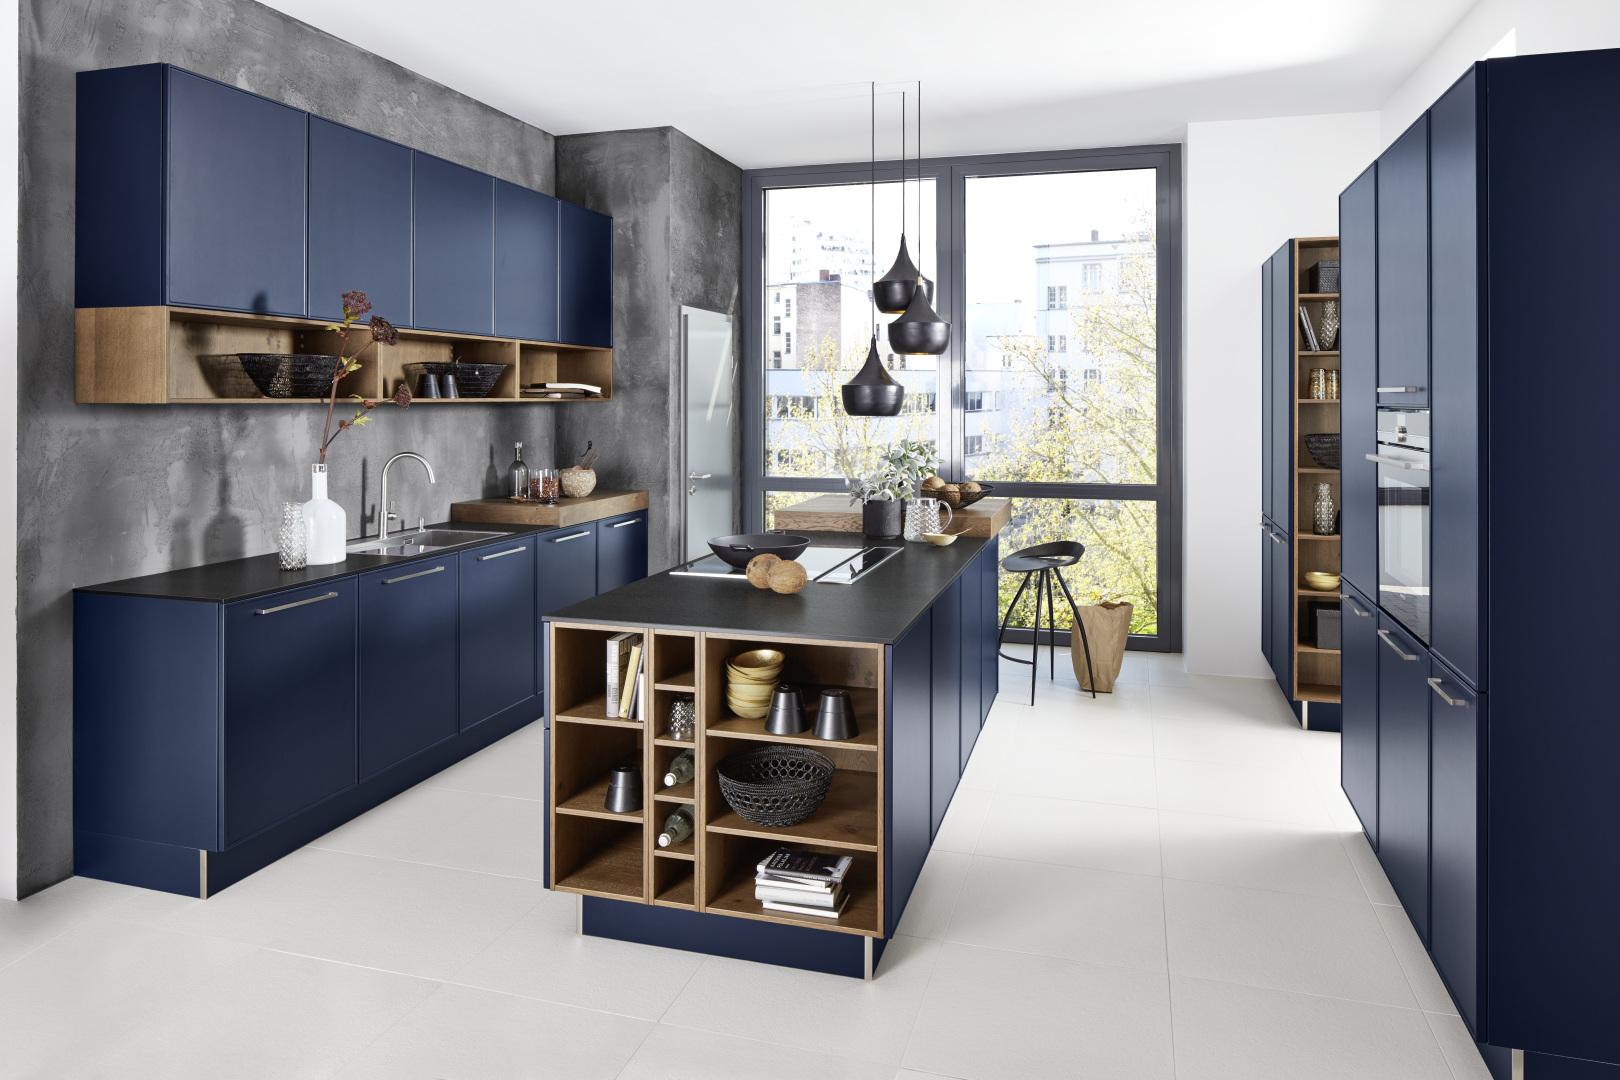 Cuisine équipée aménagée design contemporain et moderne bleue